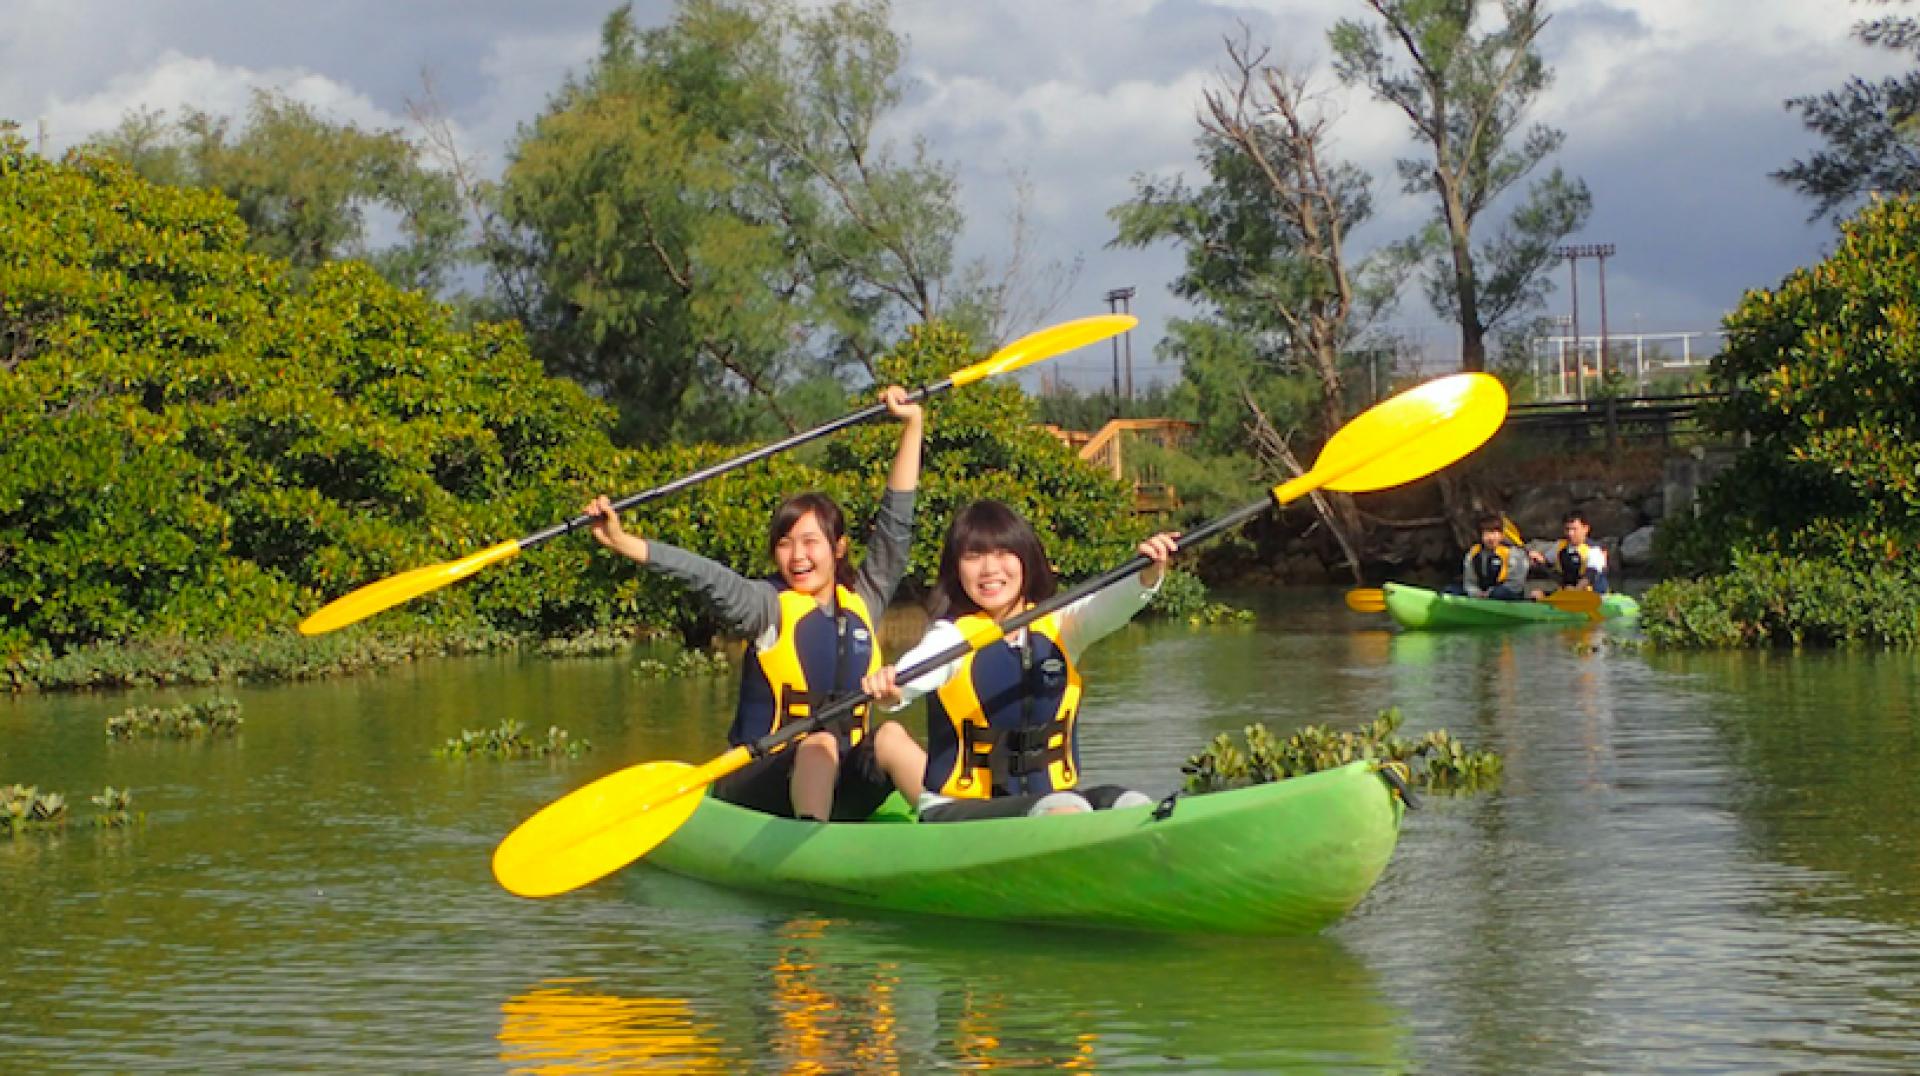 【沖繩特色體驗】沖繩北部 紅樹林獨木舟